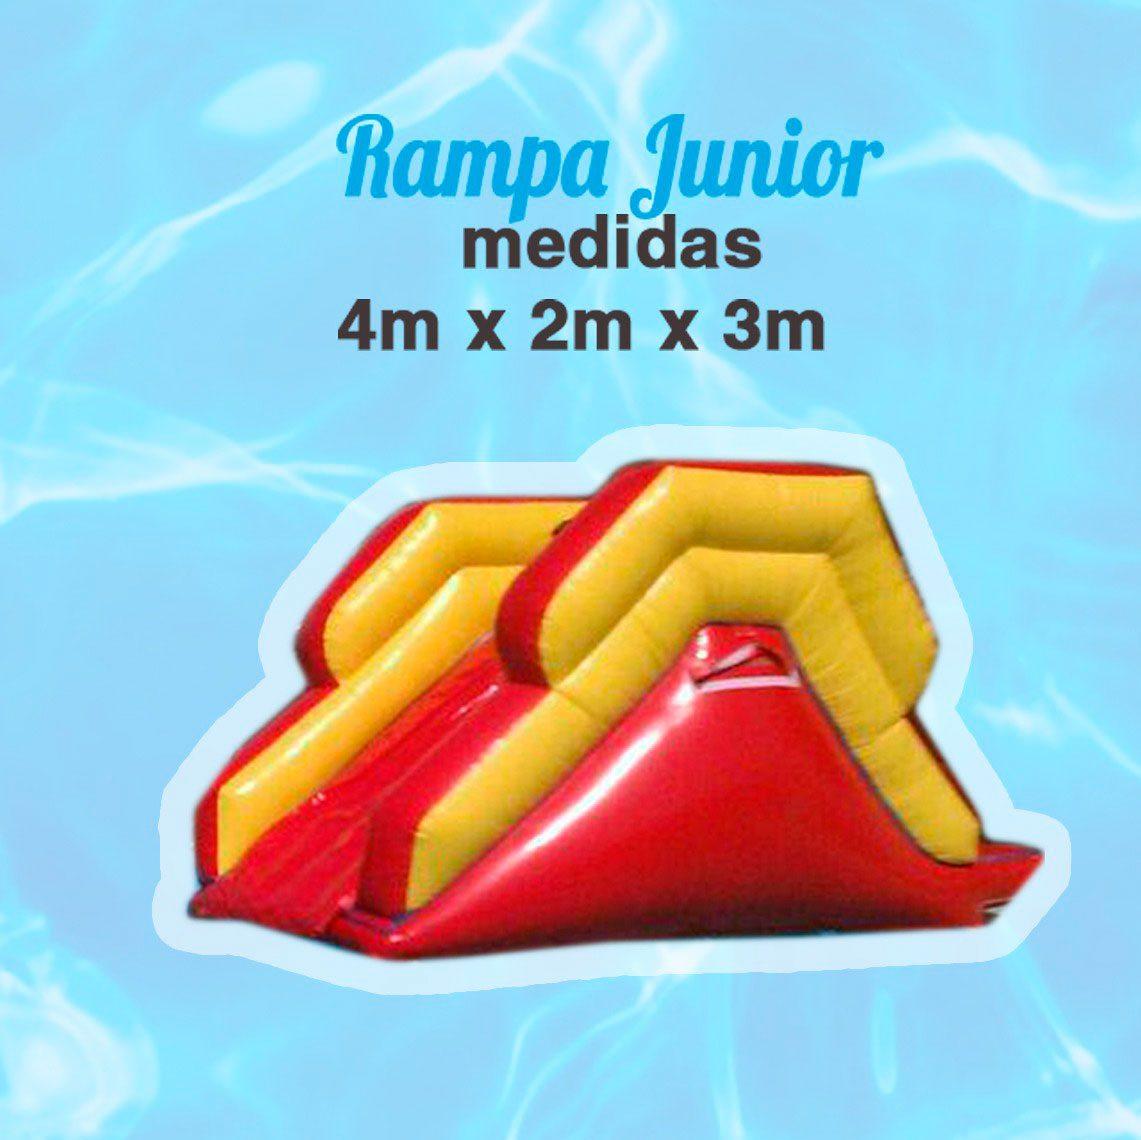 Rampa Junior